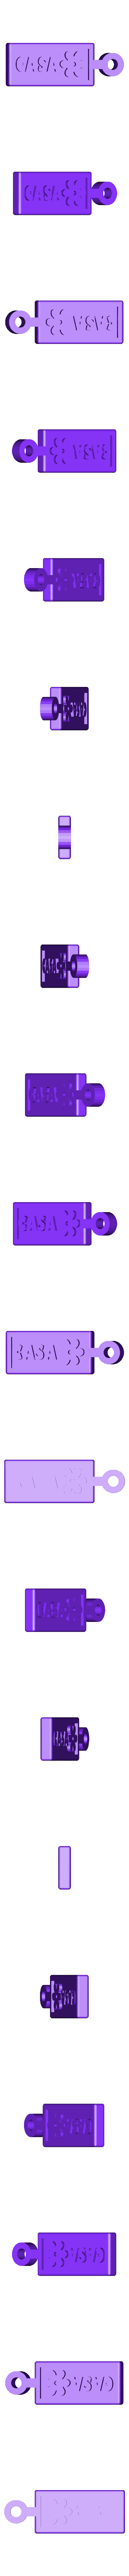 LLAVERO_CASA.stl Télécharger fichier STL gratuit LLAVERO CASA FLOR • Modèle pour impression 3D, celtarra12